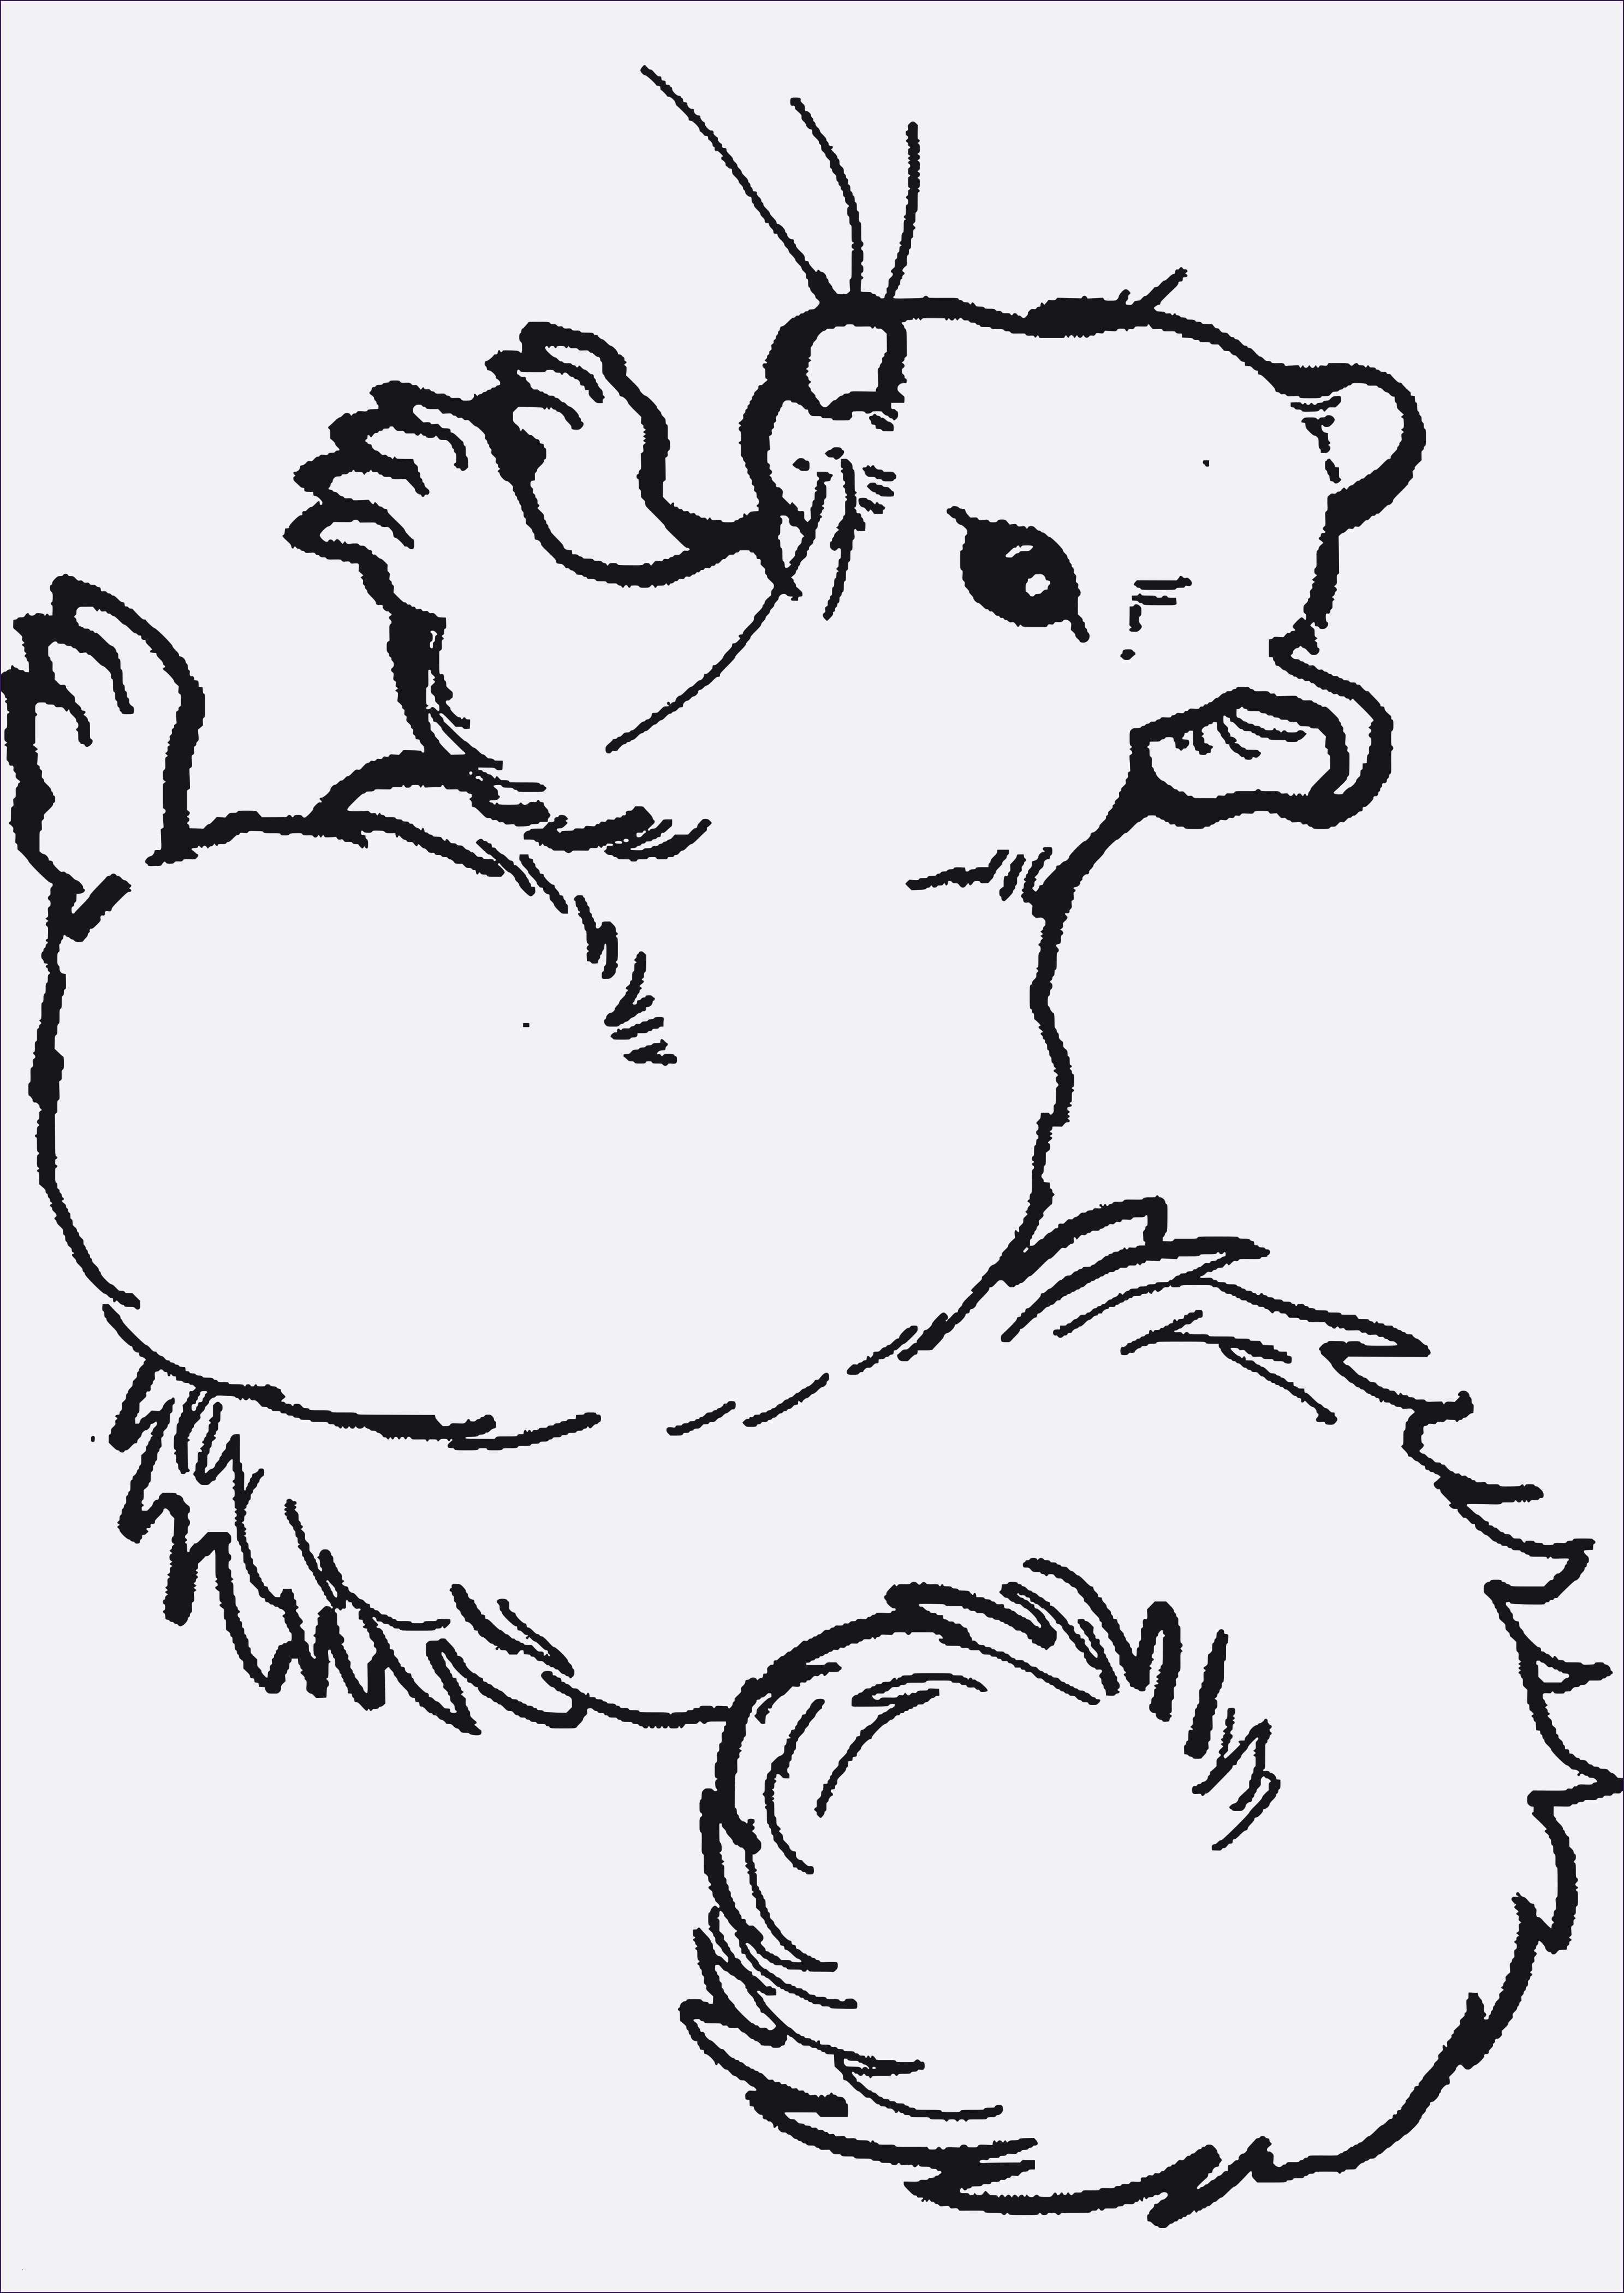 Micky Maus Baby Ausmalbilder Neu Micky Maus Zum Ausmalen Aufnahme 28 Neu Minnie Maus Baby Sammlung